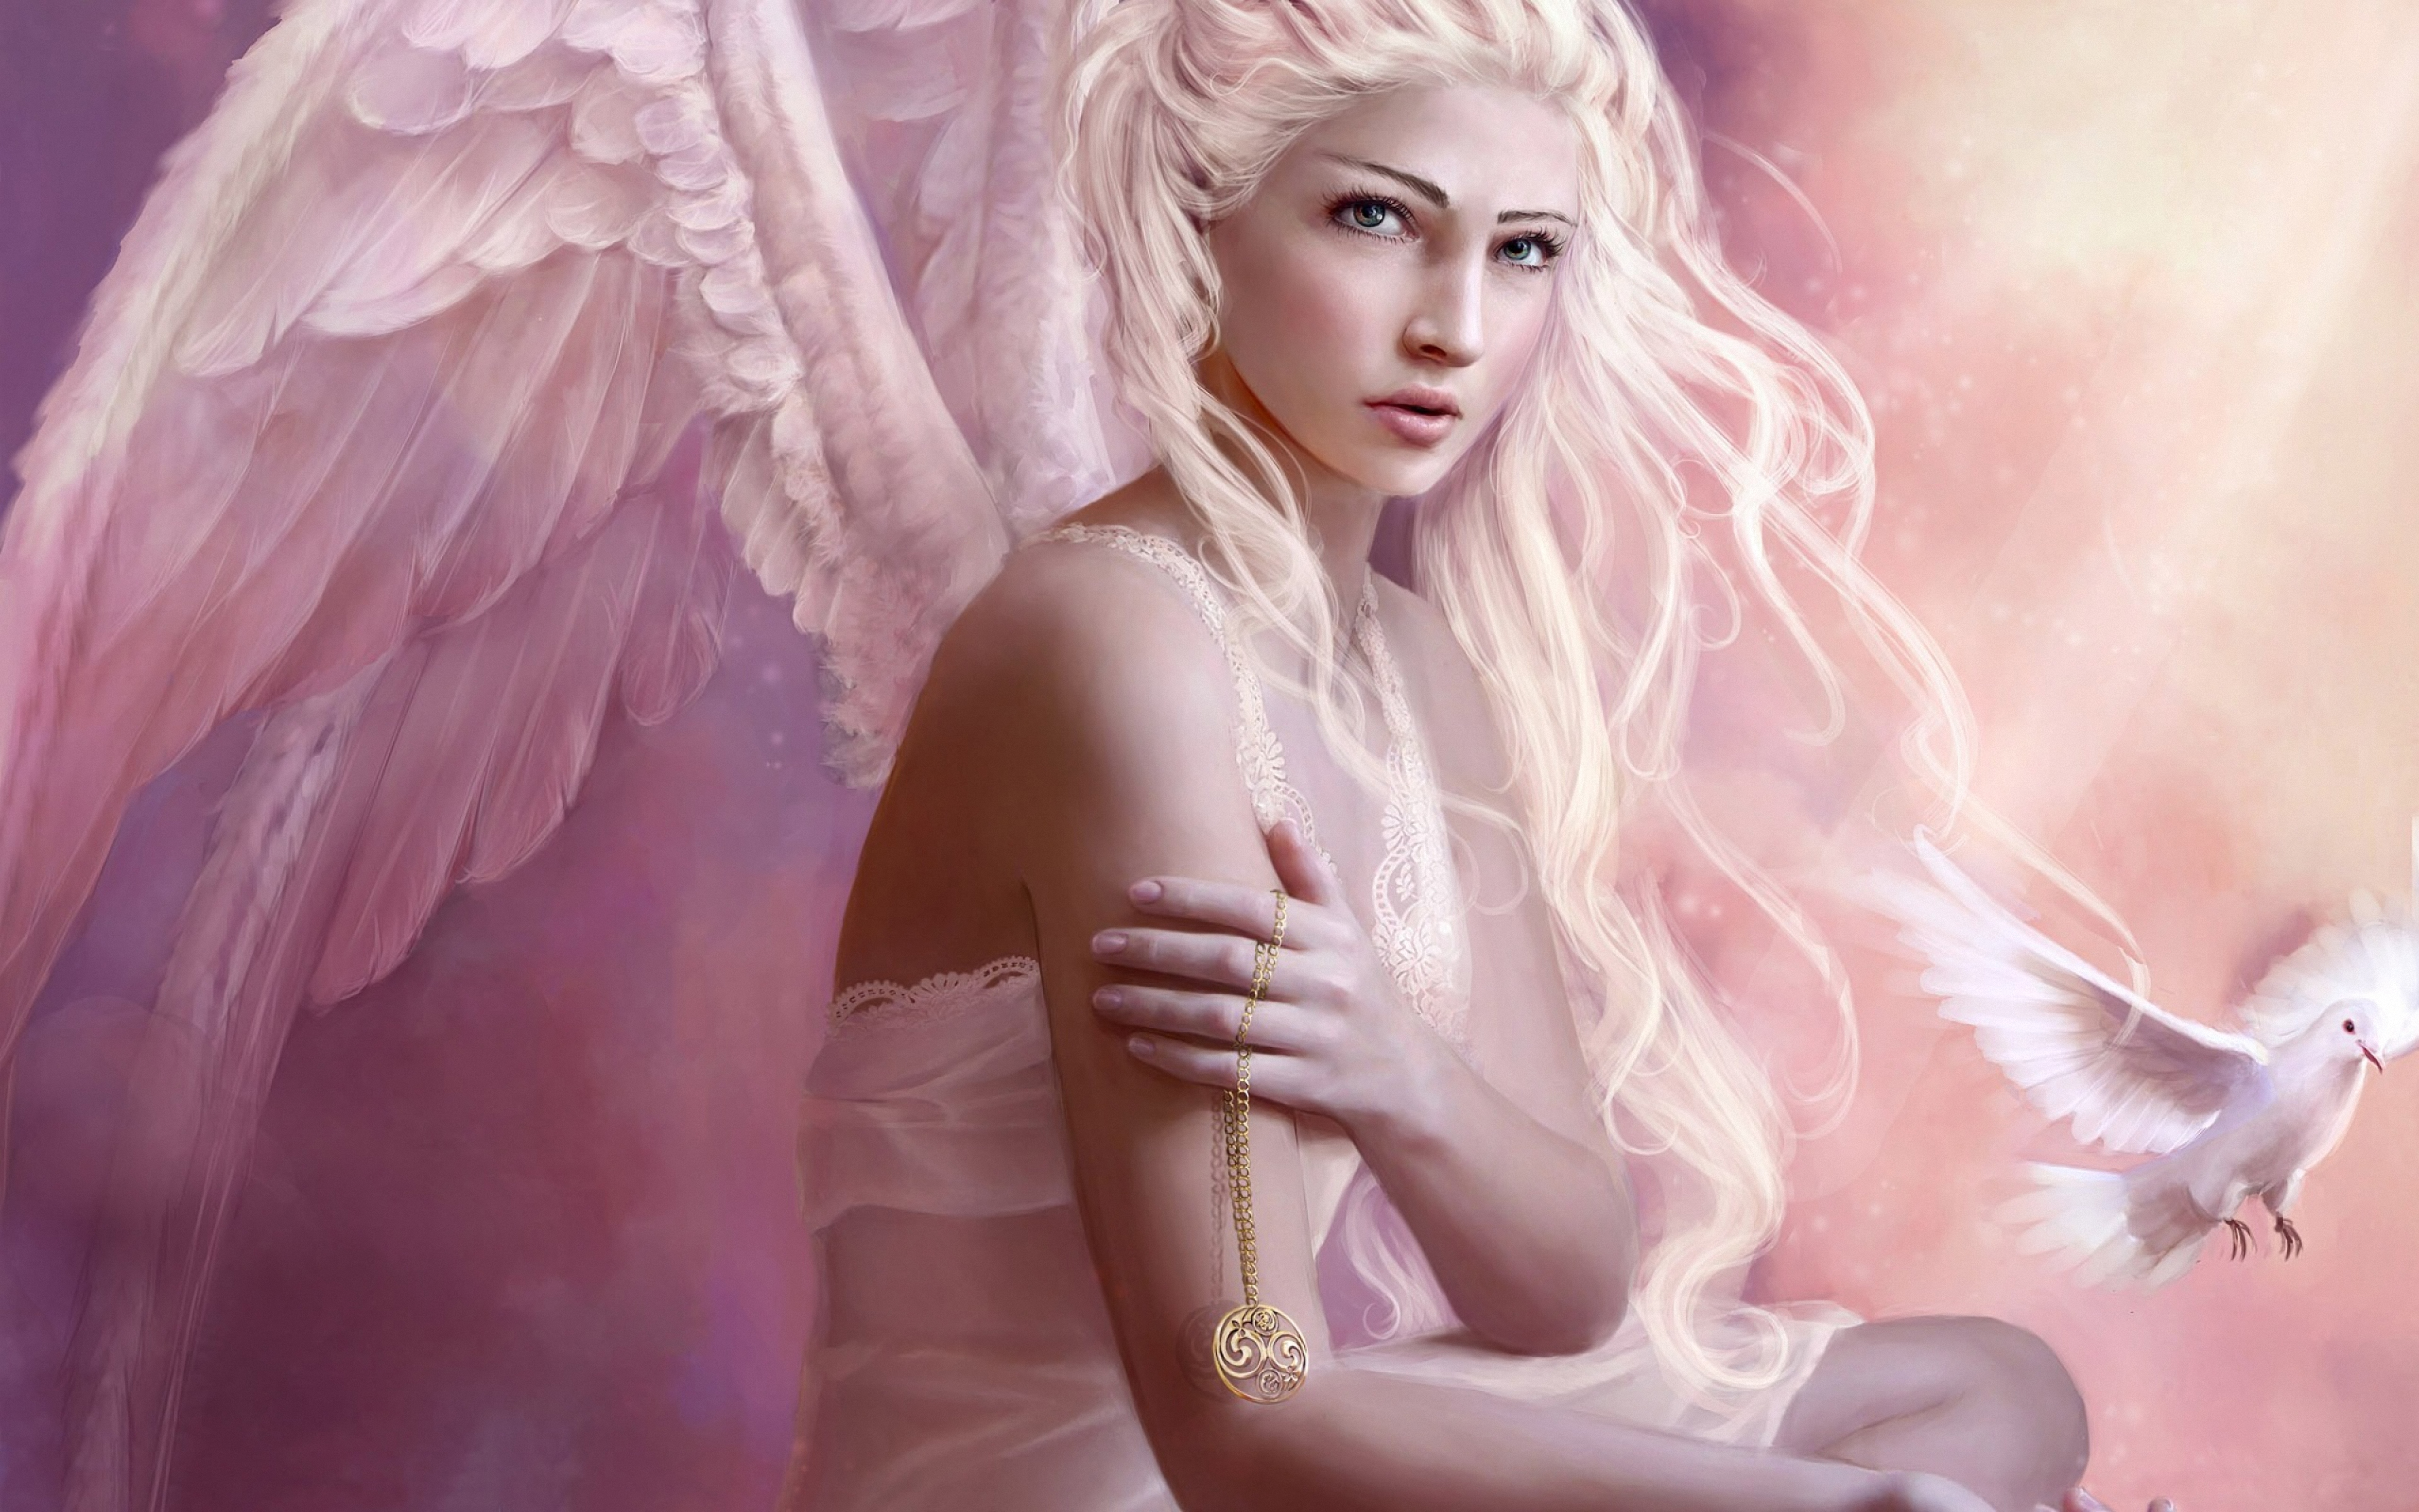 Обои Для Экрана Ангелы Девочки